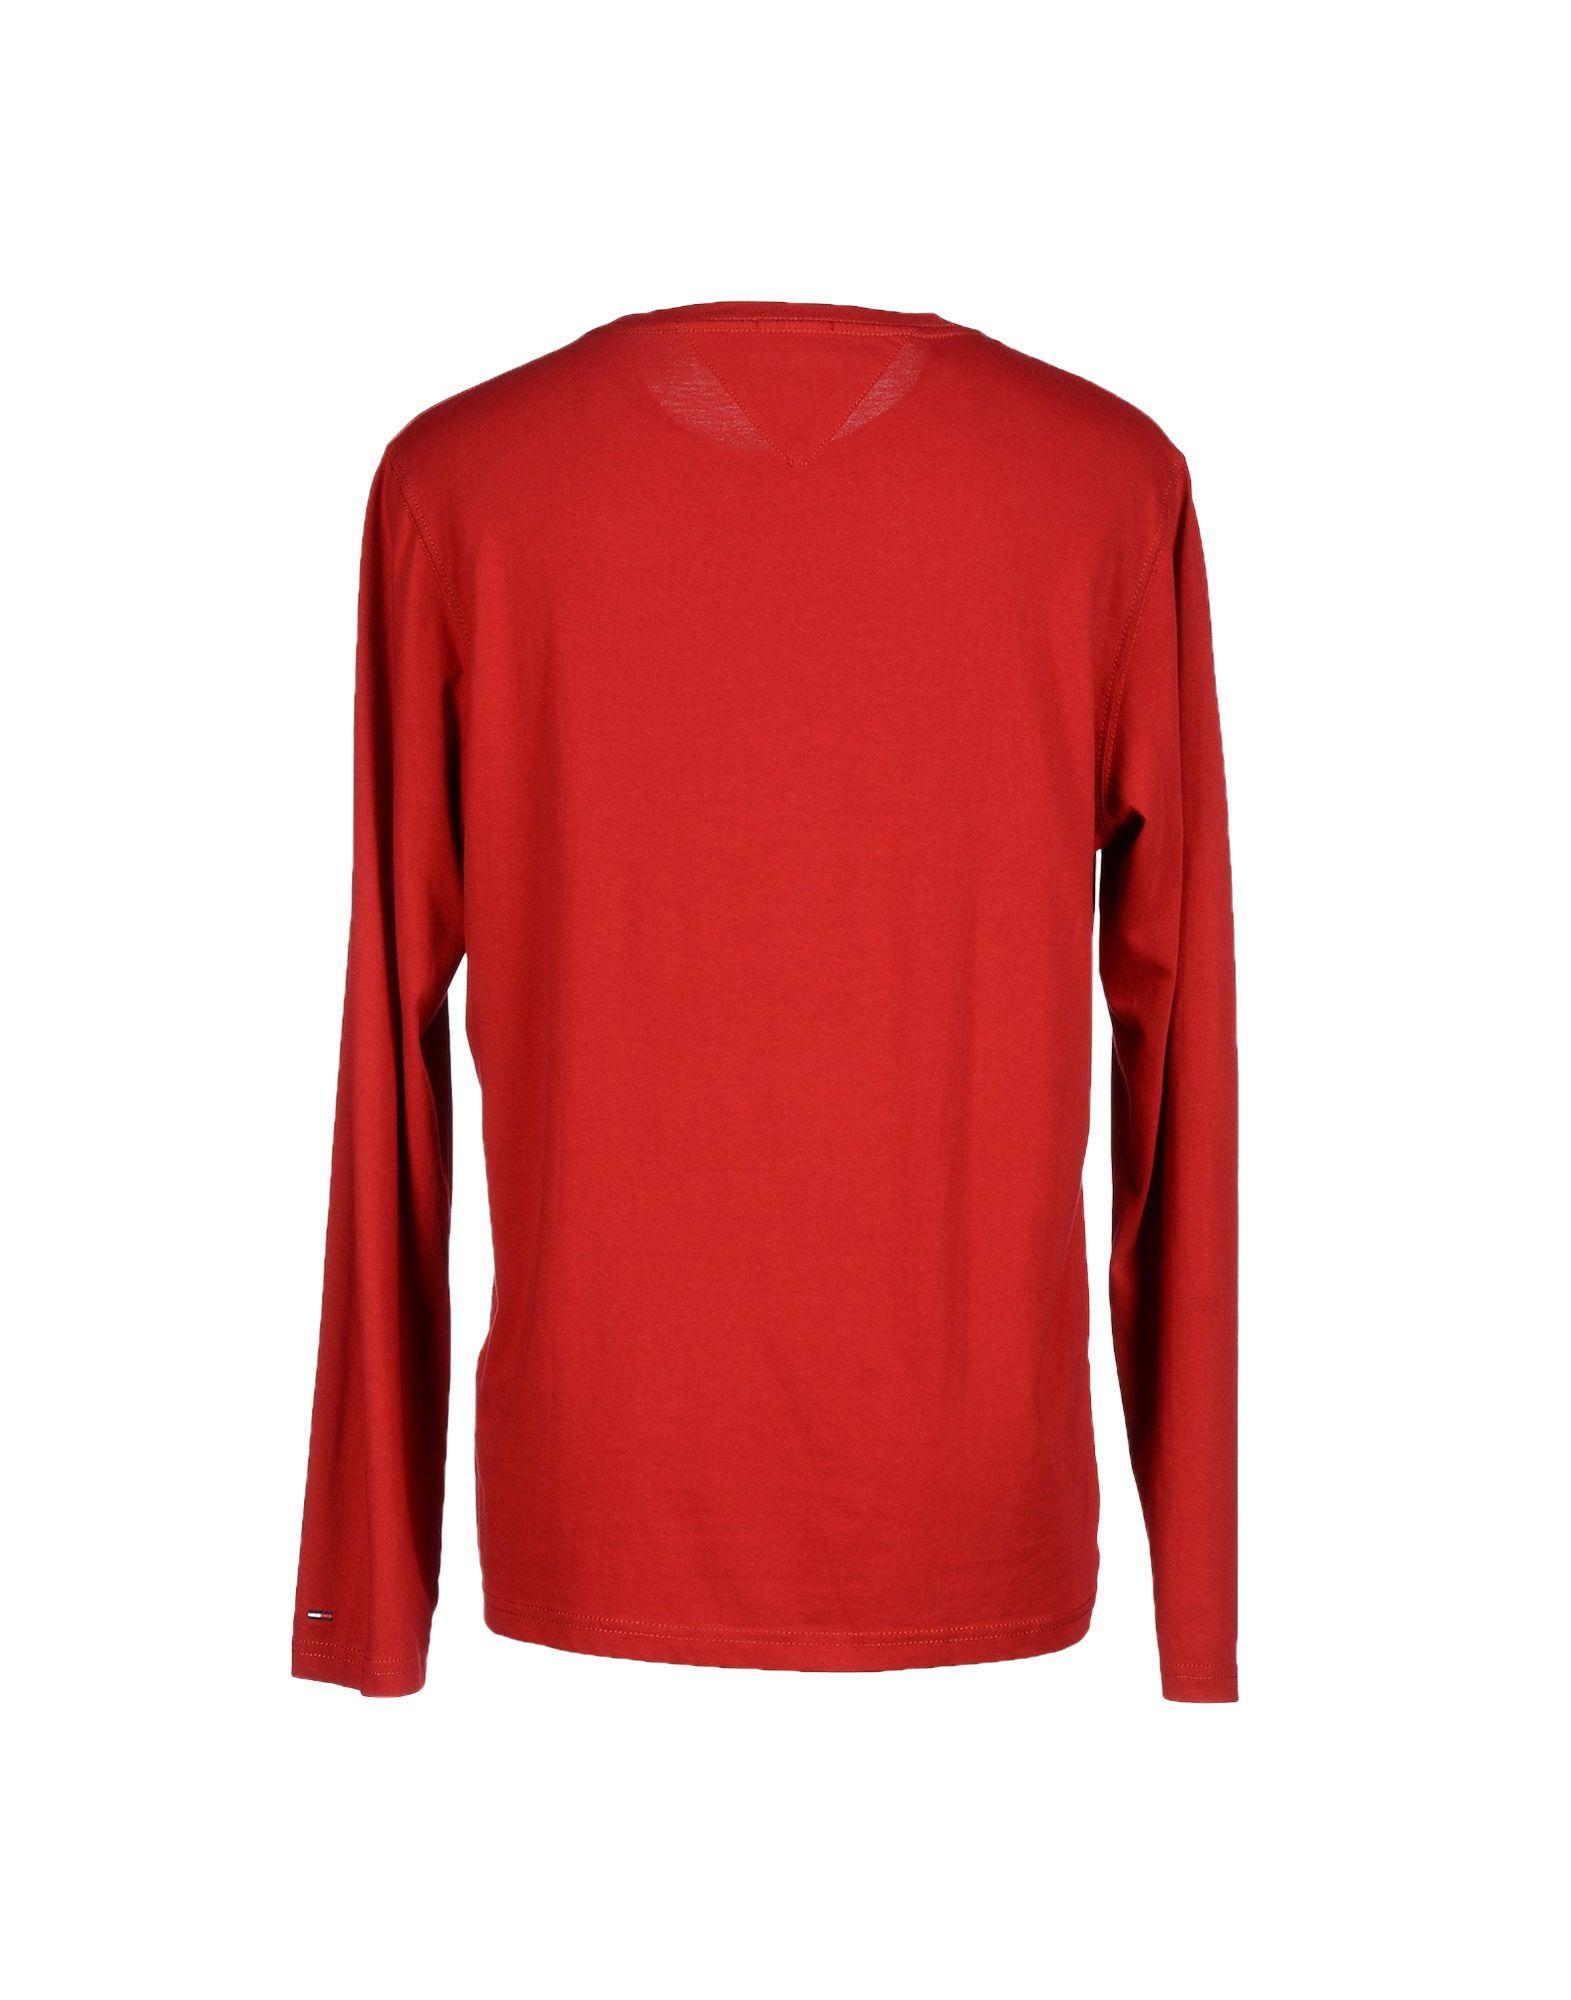 lyst hilfiger denim t shirt in red for men. Black Bedroom Furniture Sets. Home Design Ideas